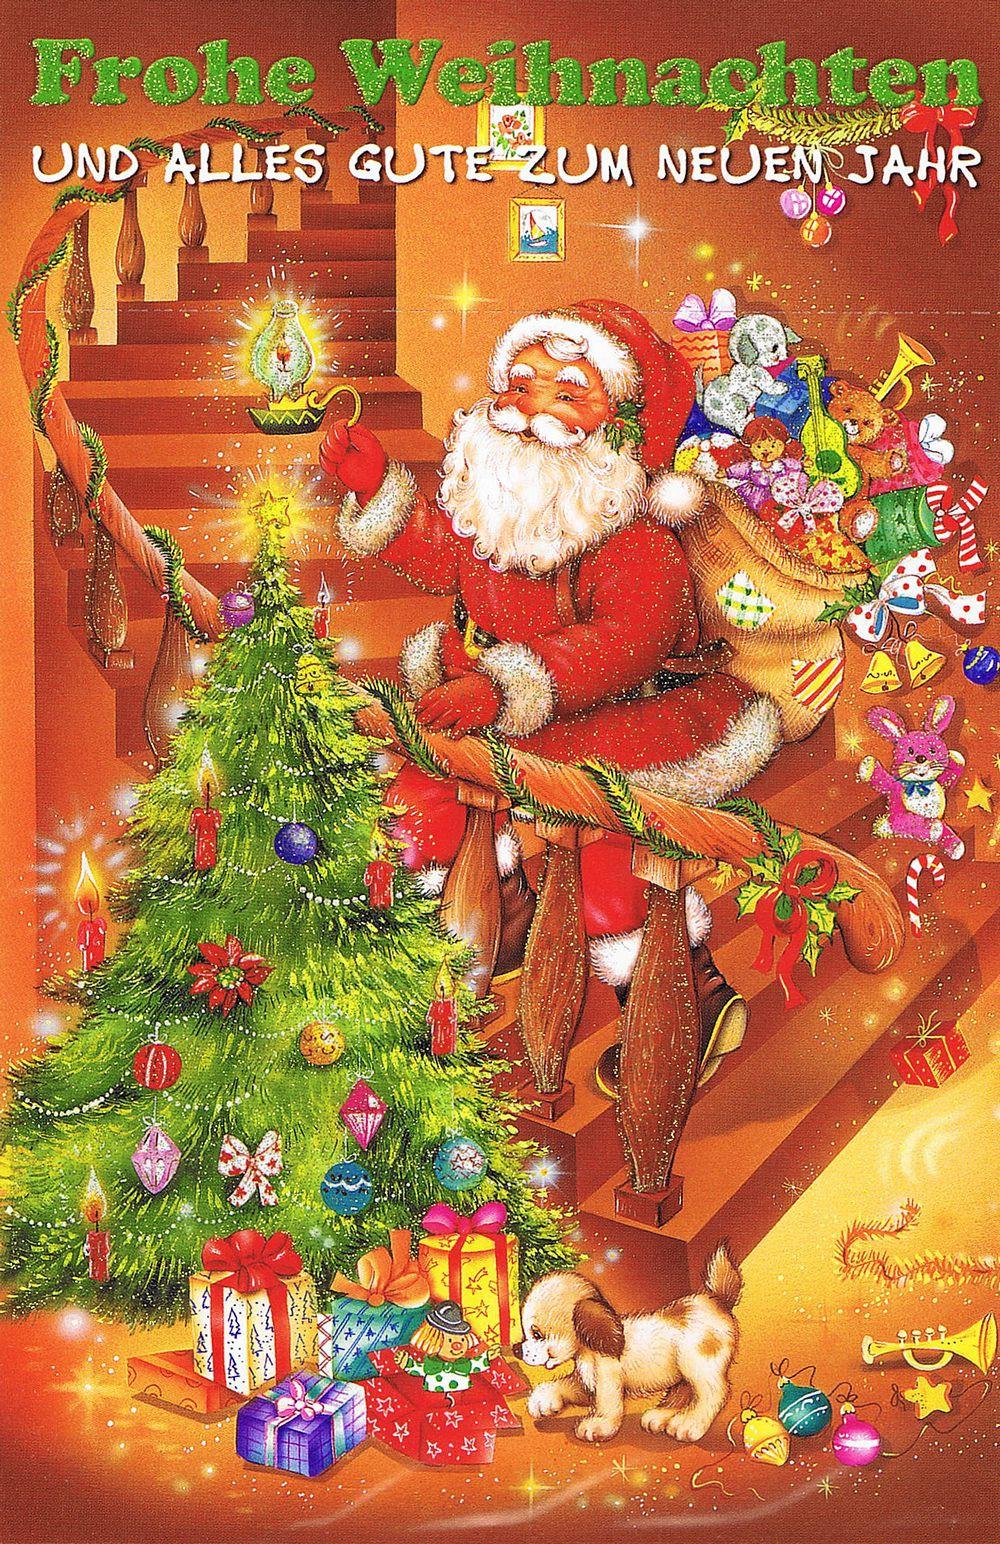 Weihnachtskarte mit Glimmer 223679 Weihnachtsmannmotiv